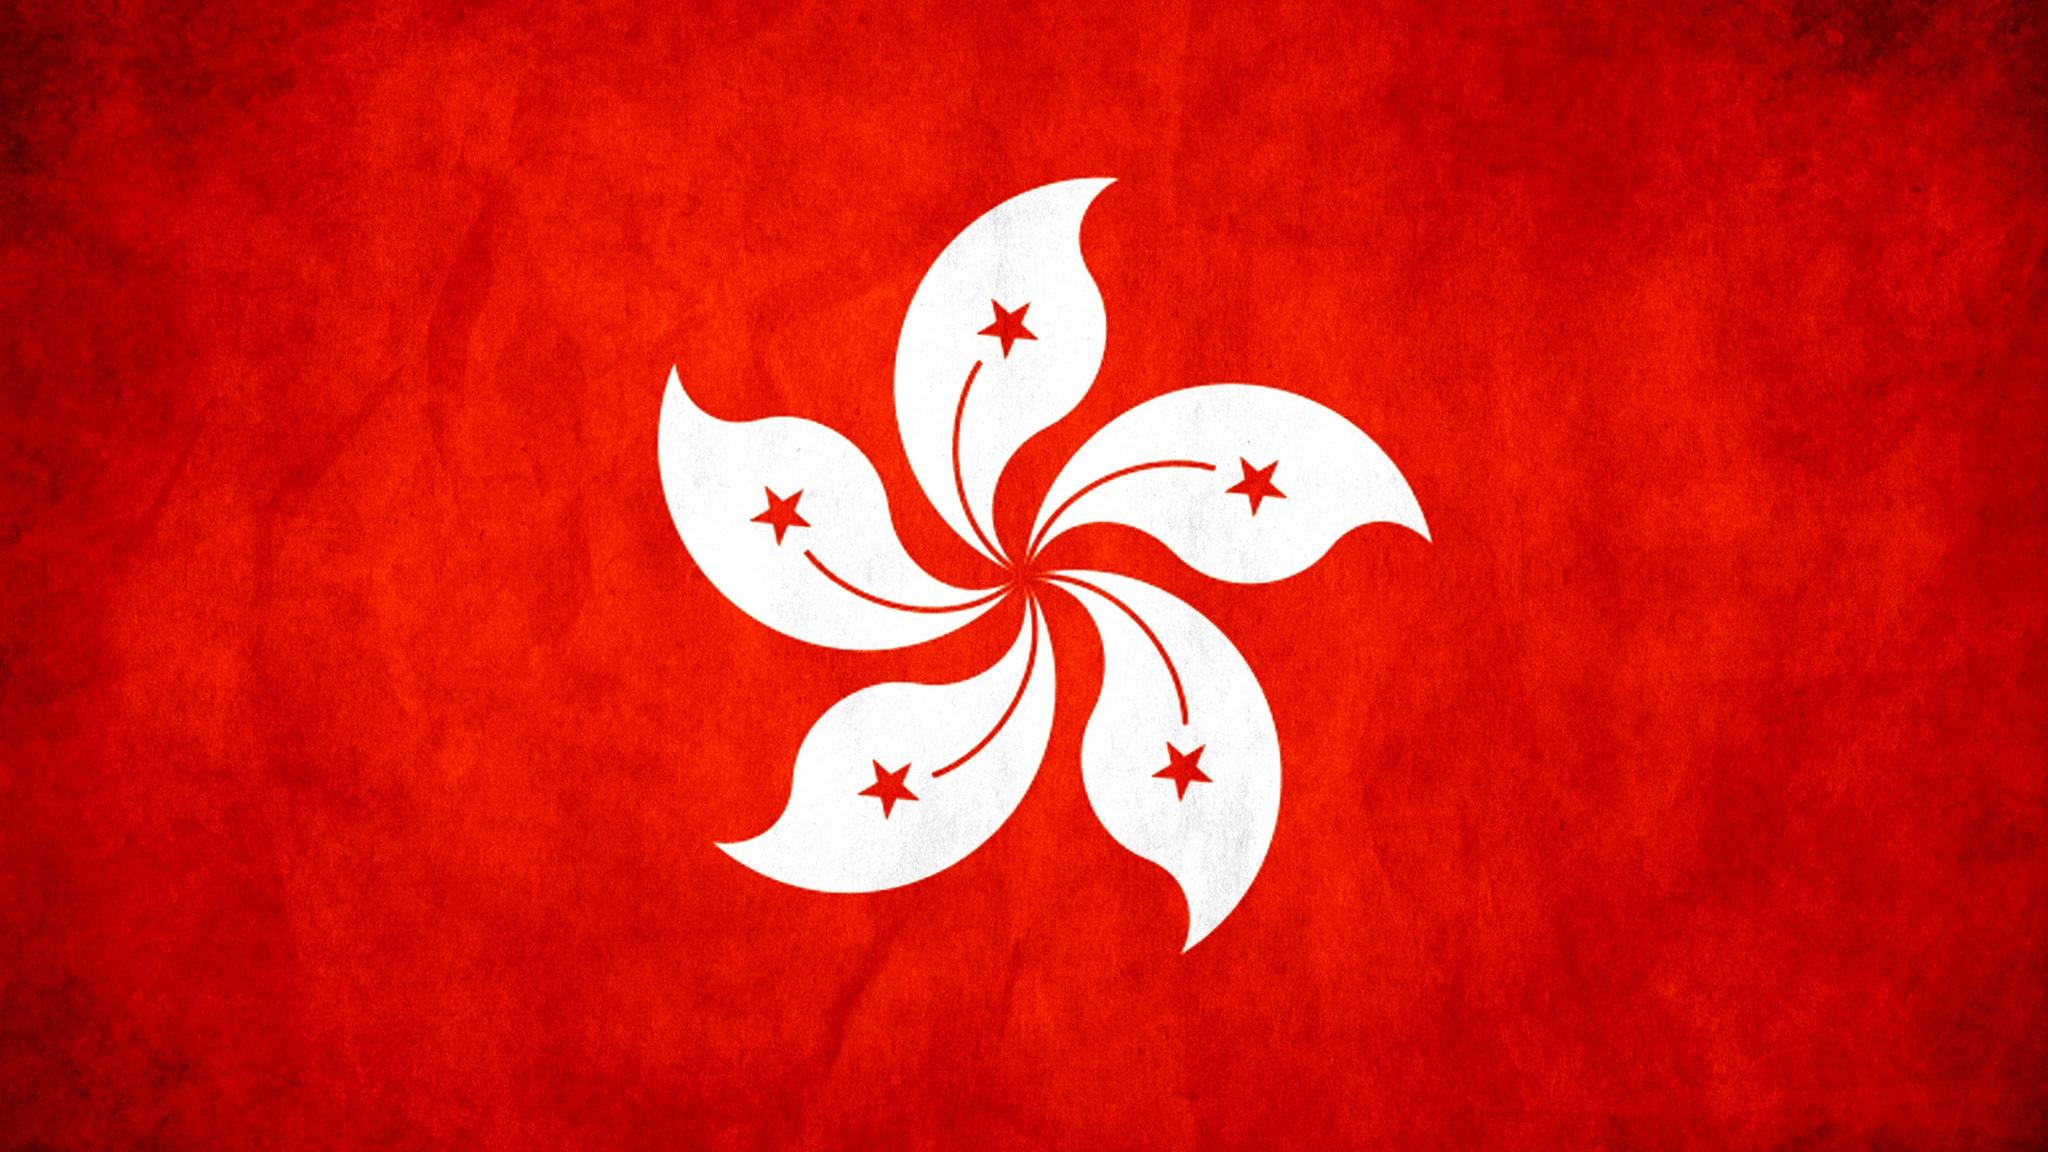 Download wallpaper 2048x1152 flag texture hong kong ultrawide 2048x1152